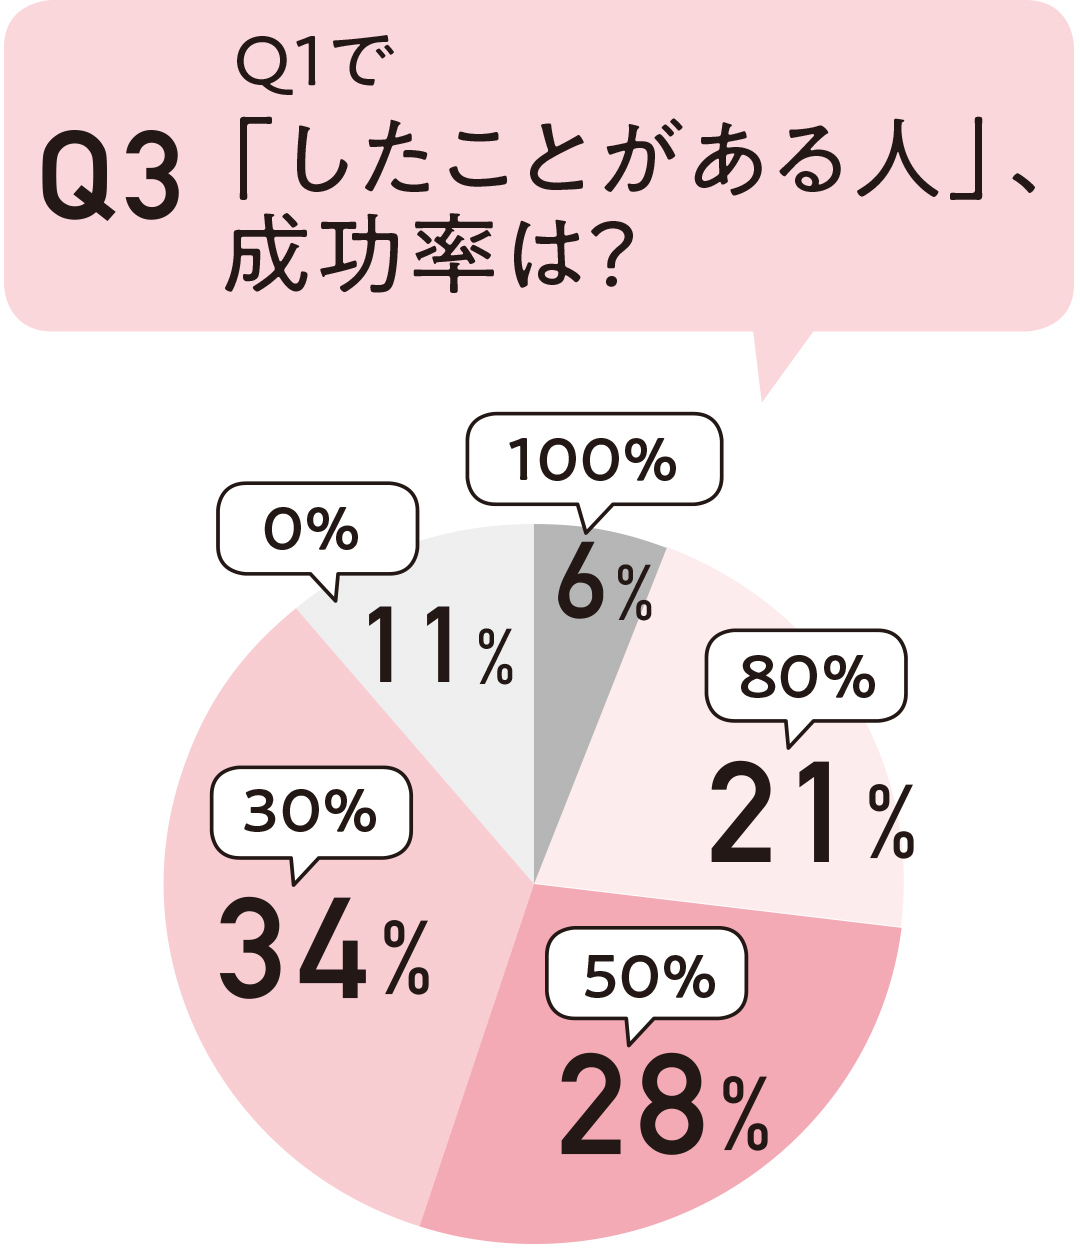 Q1で「したことがある人」、成功率は?